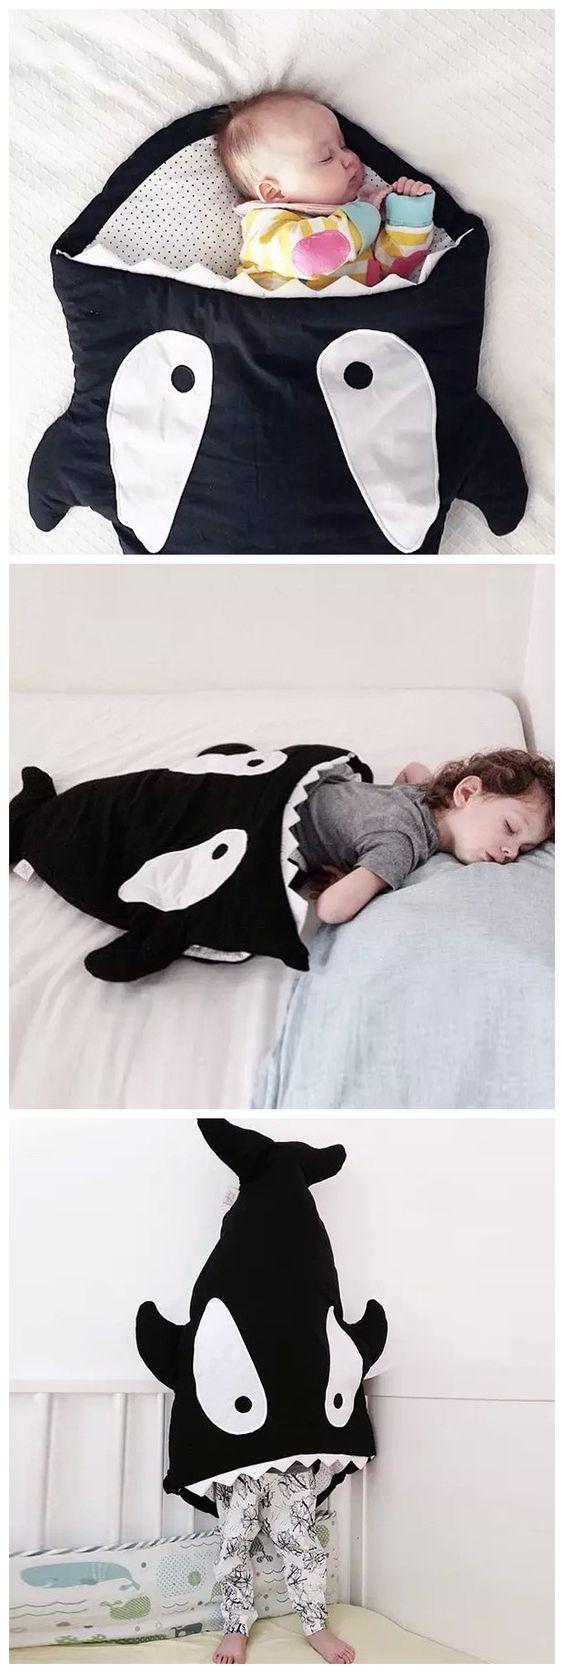 OMG .. Comfy & cUte! shark blanket ❤︎